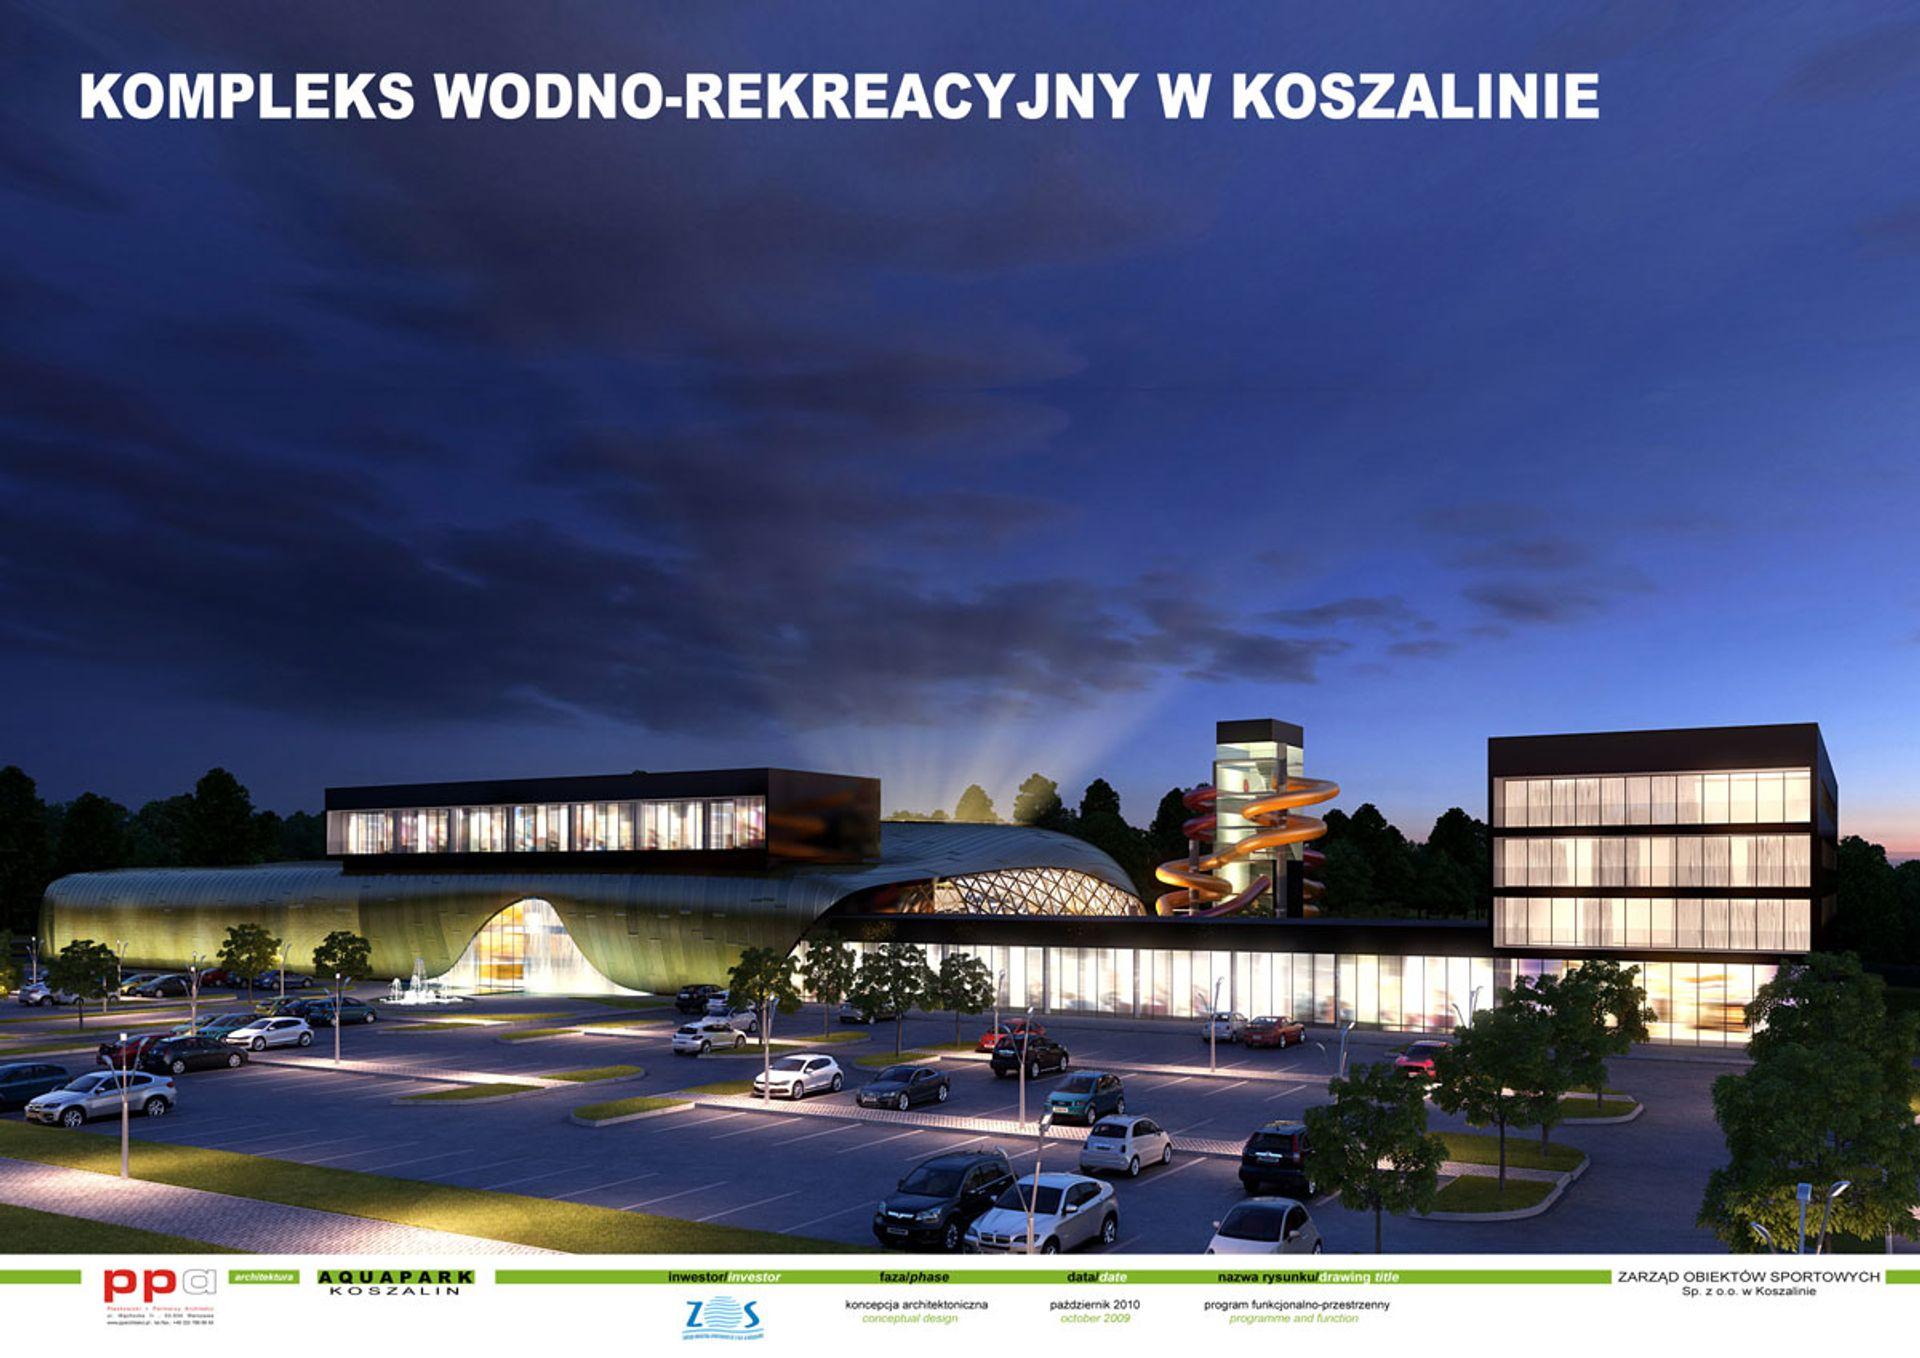 [zachodniopomorskie] Park wodny w Koszalinie: przetarg zakończony, firma wybrana